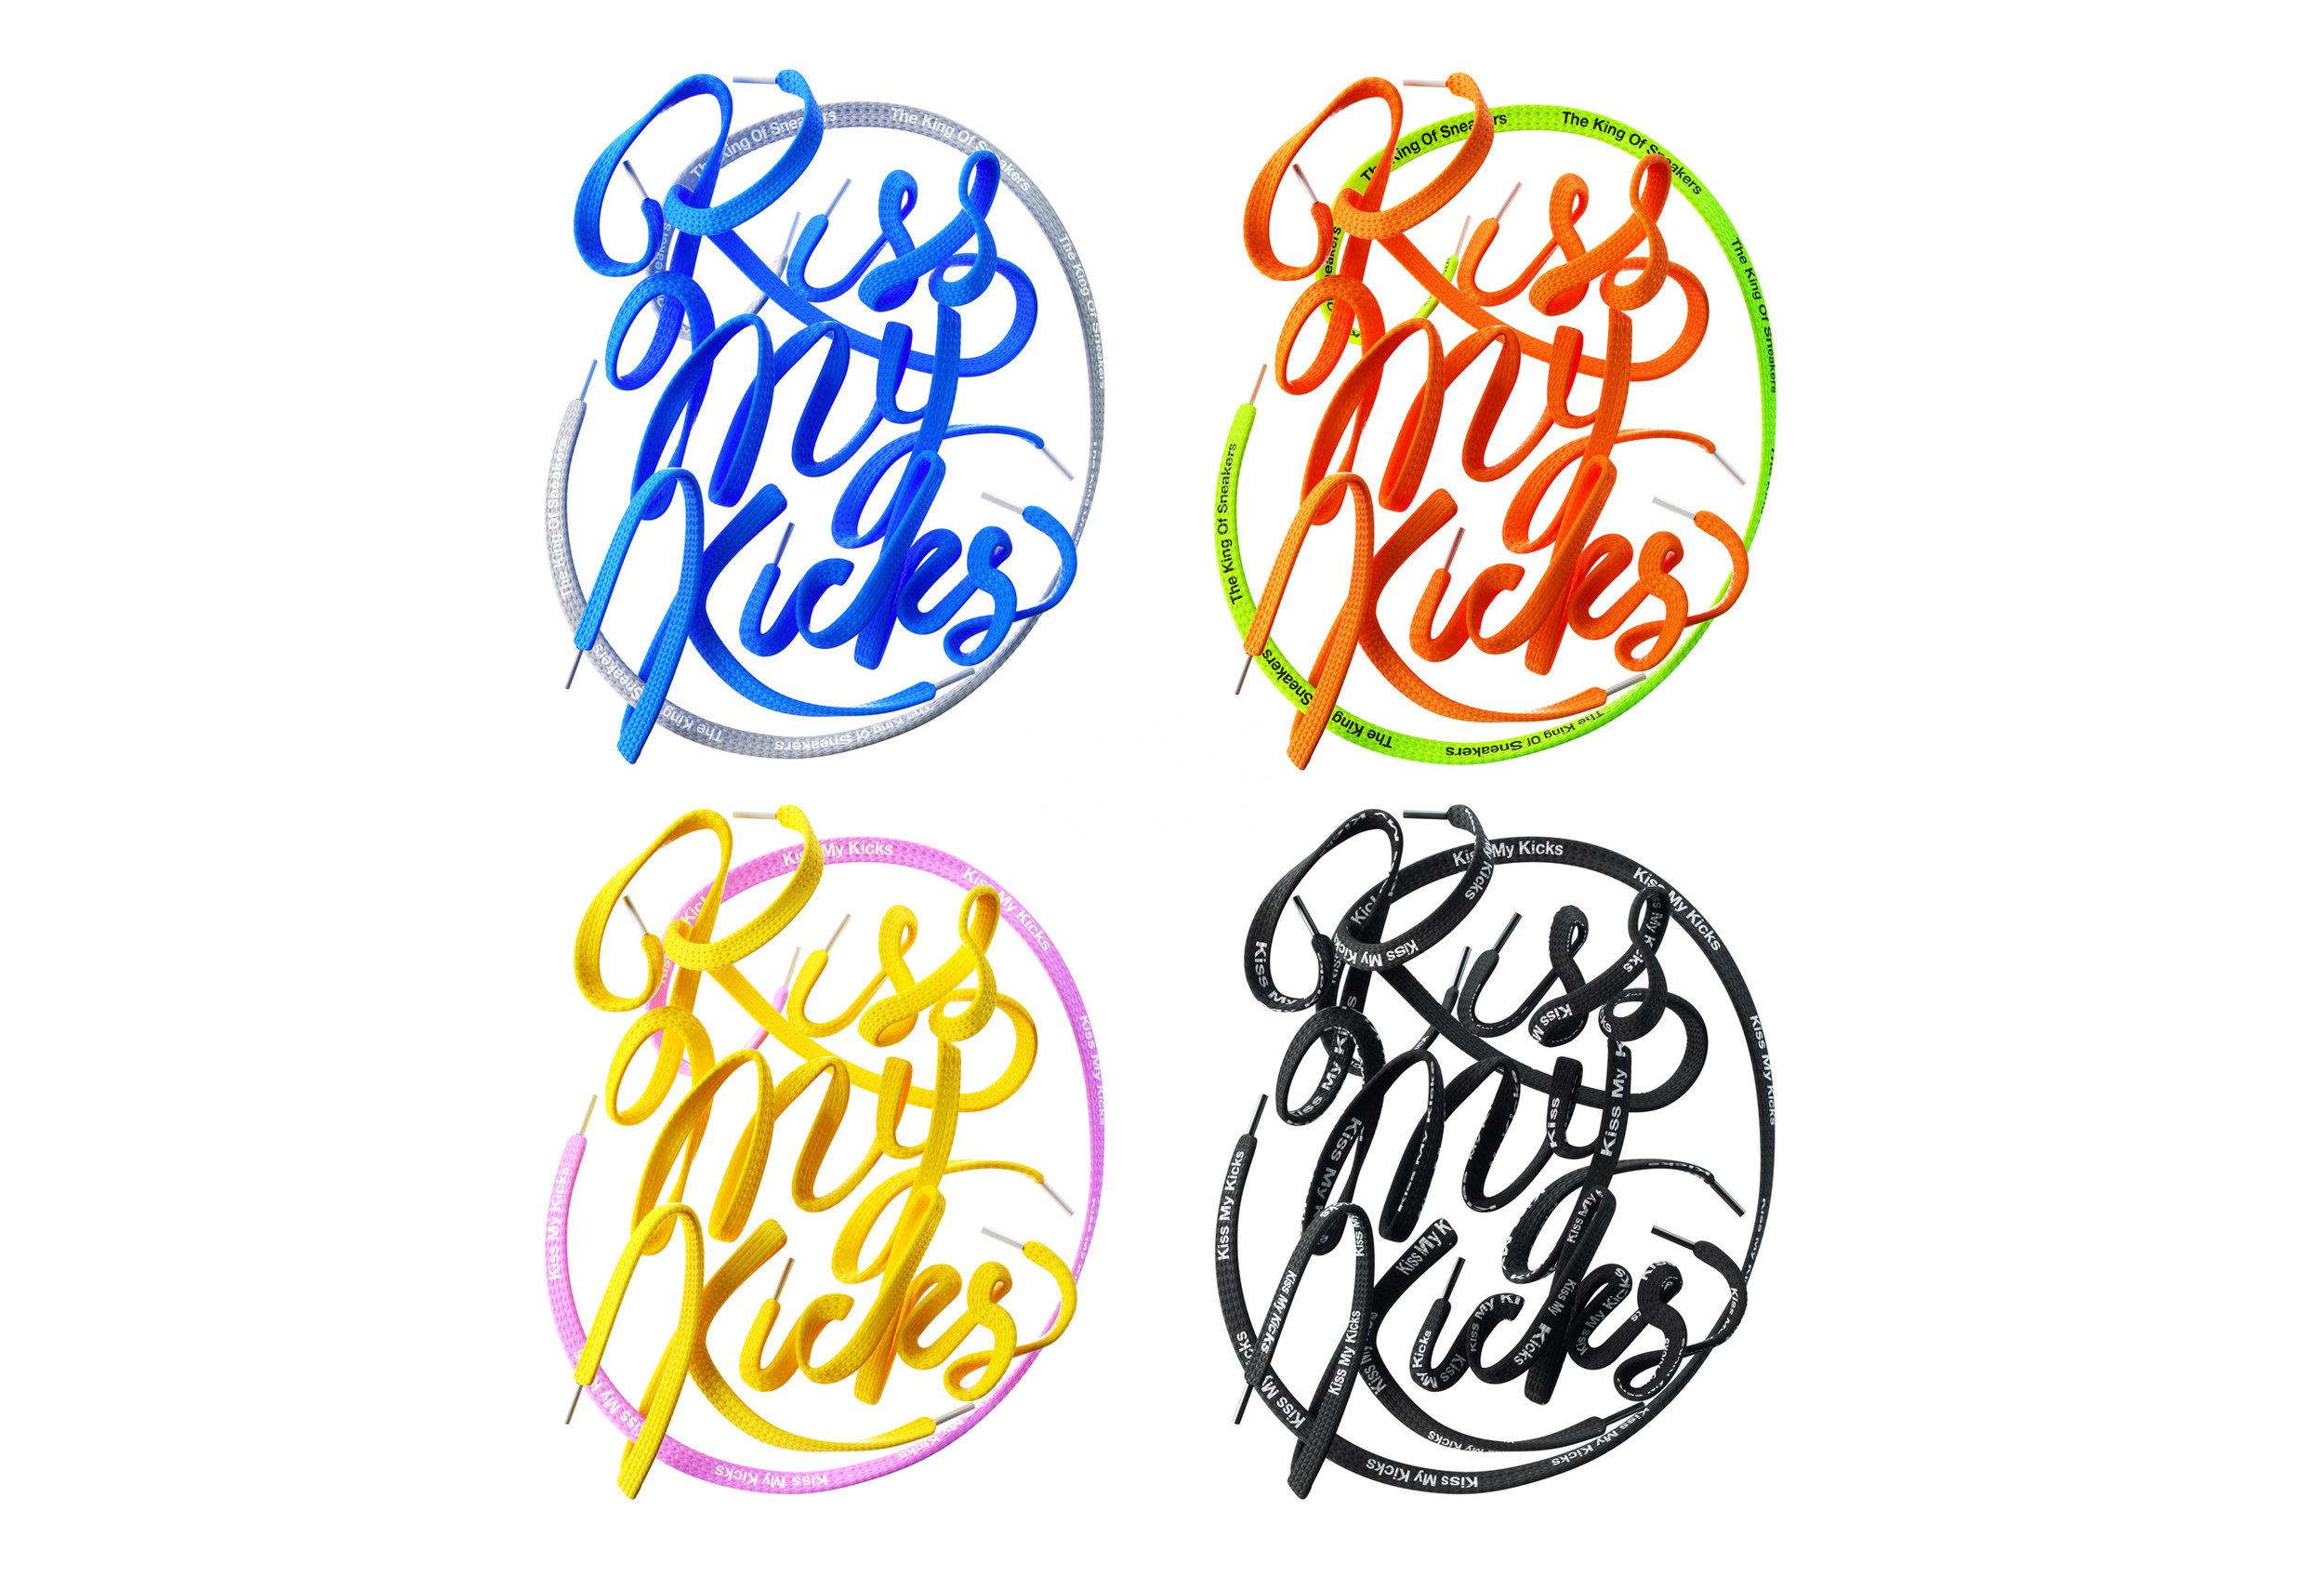 KissMyKicks-3DTypography_ShoeLace_SET_BenFearnley.jpg